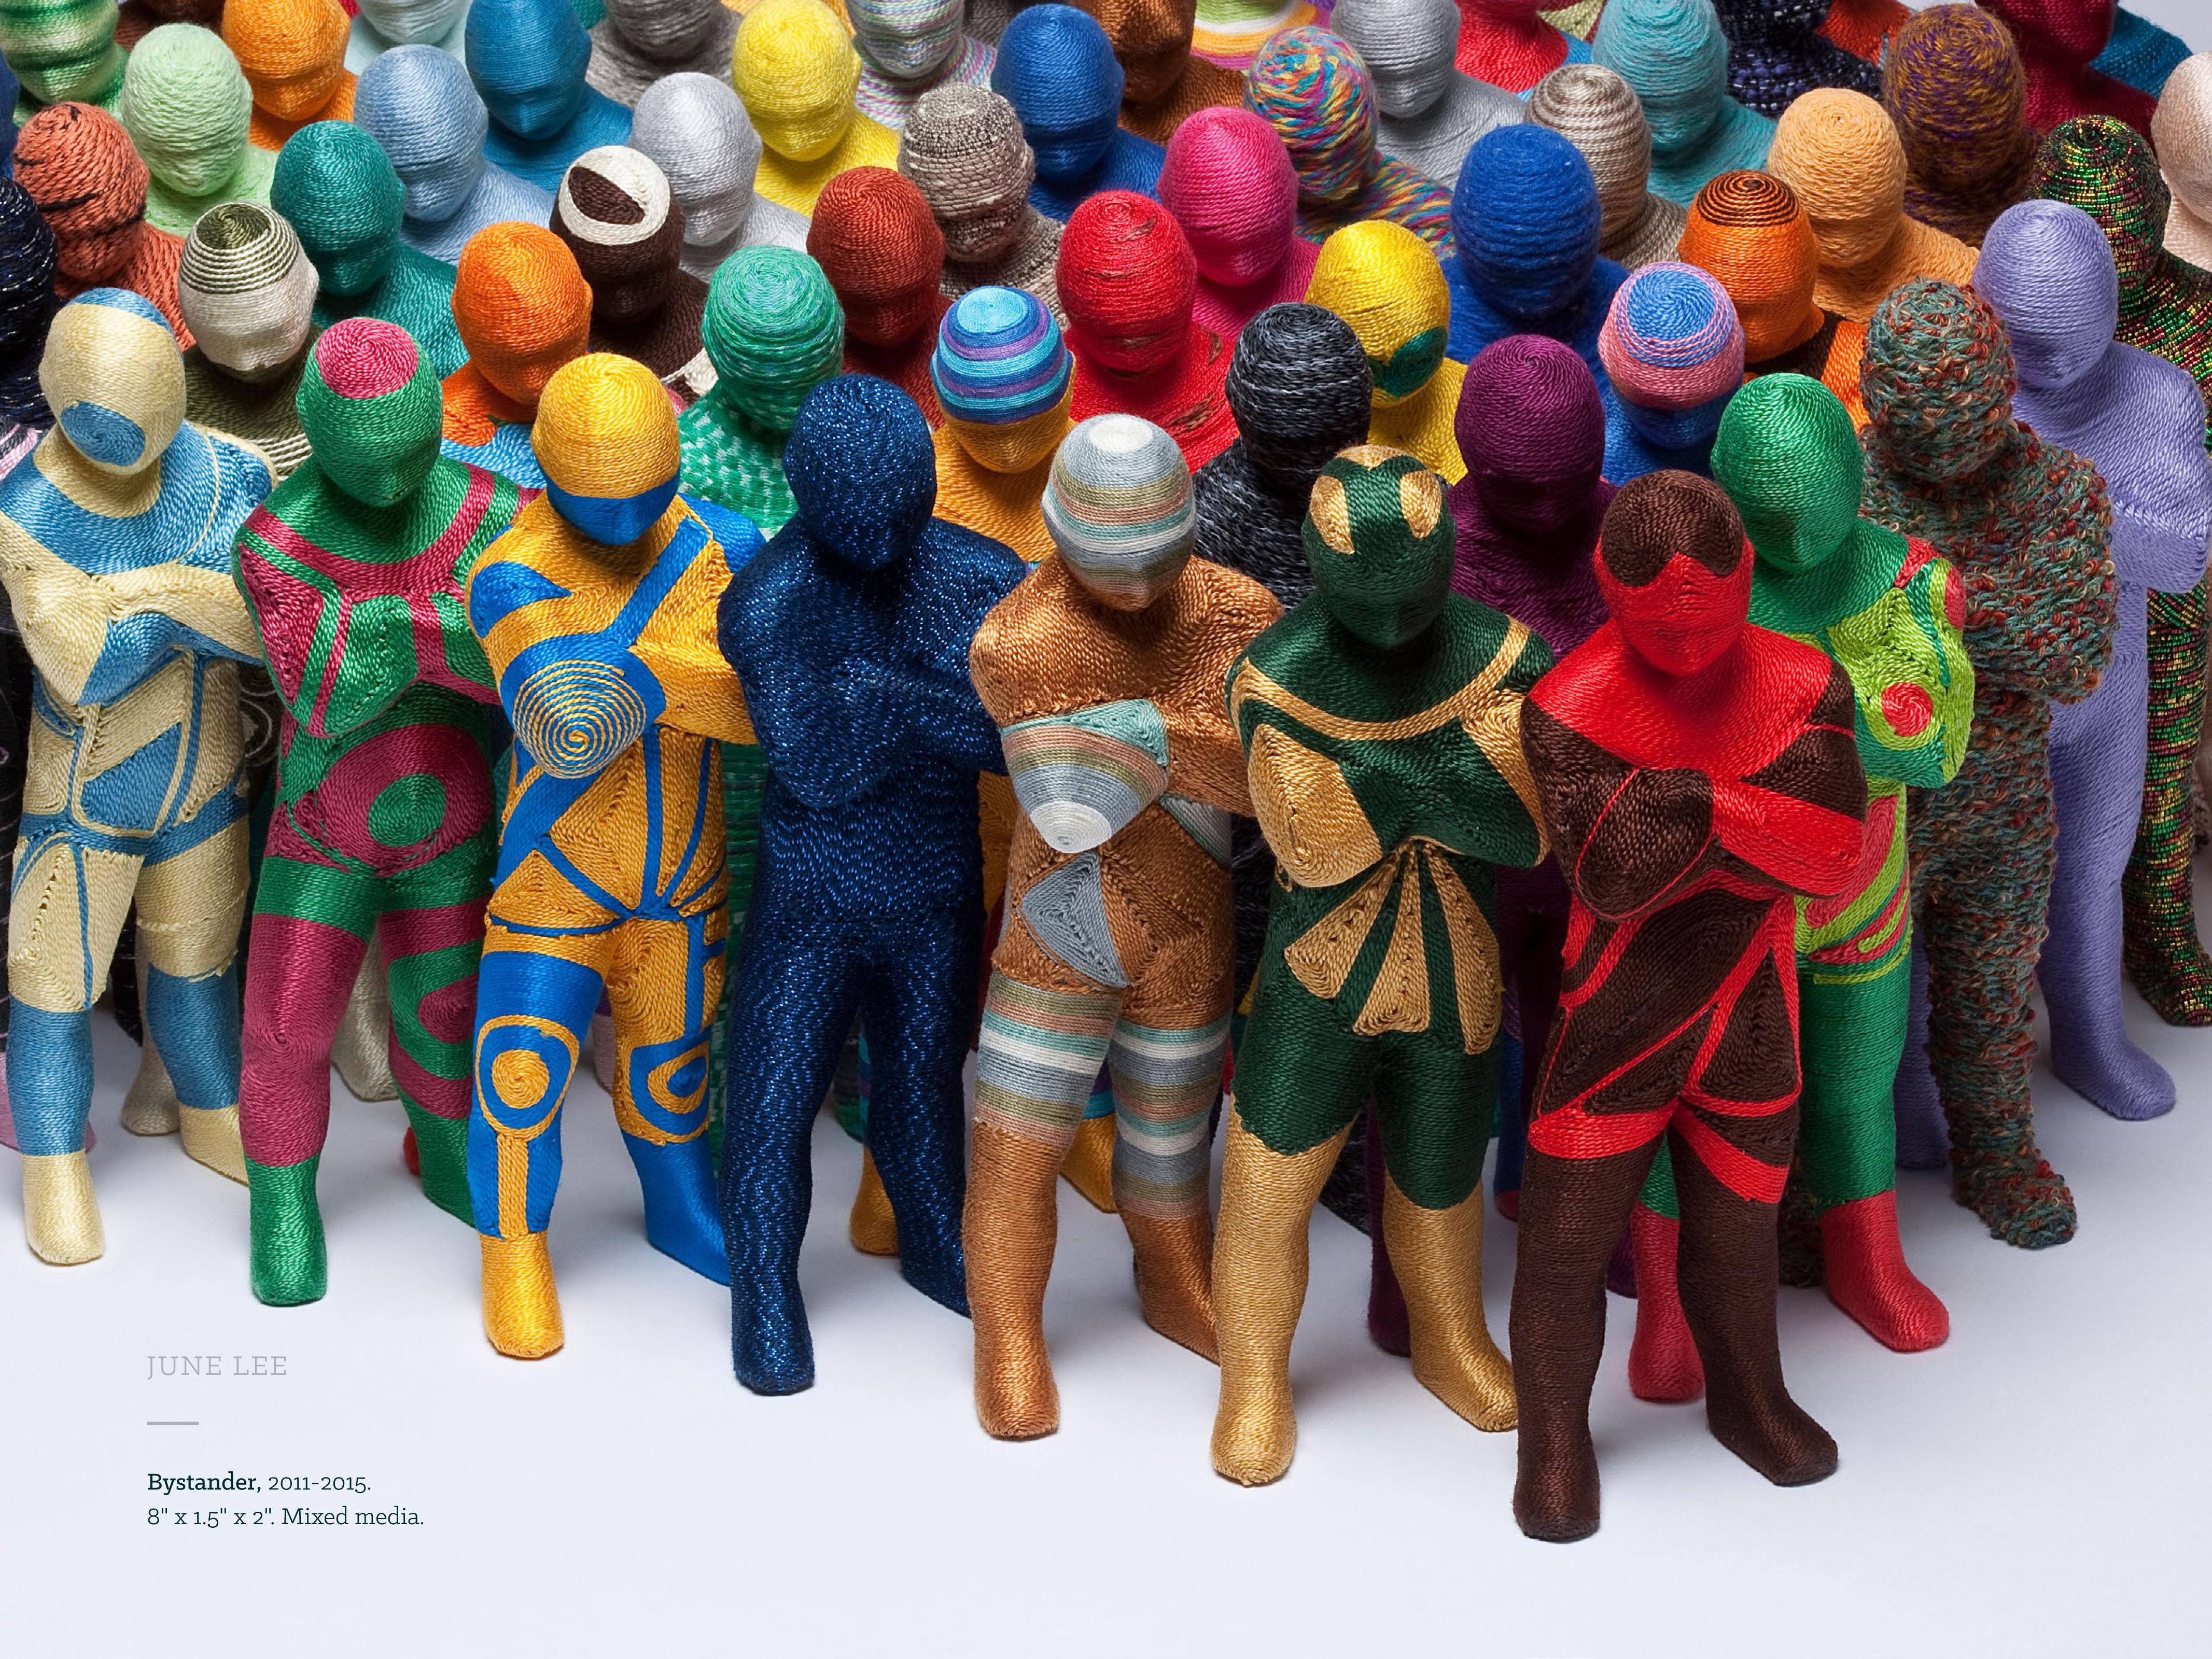 3D mixed media textile - June Lee